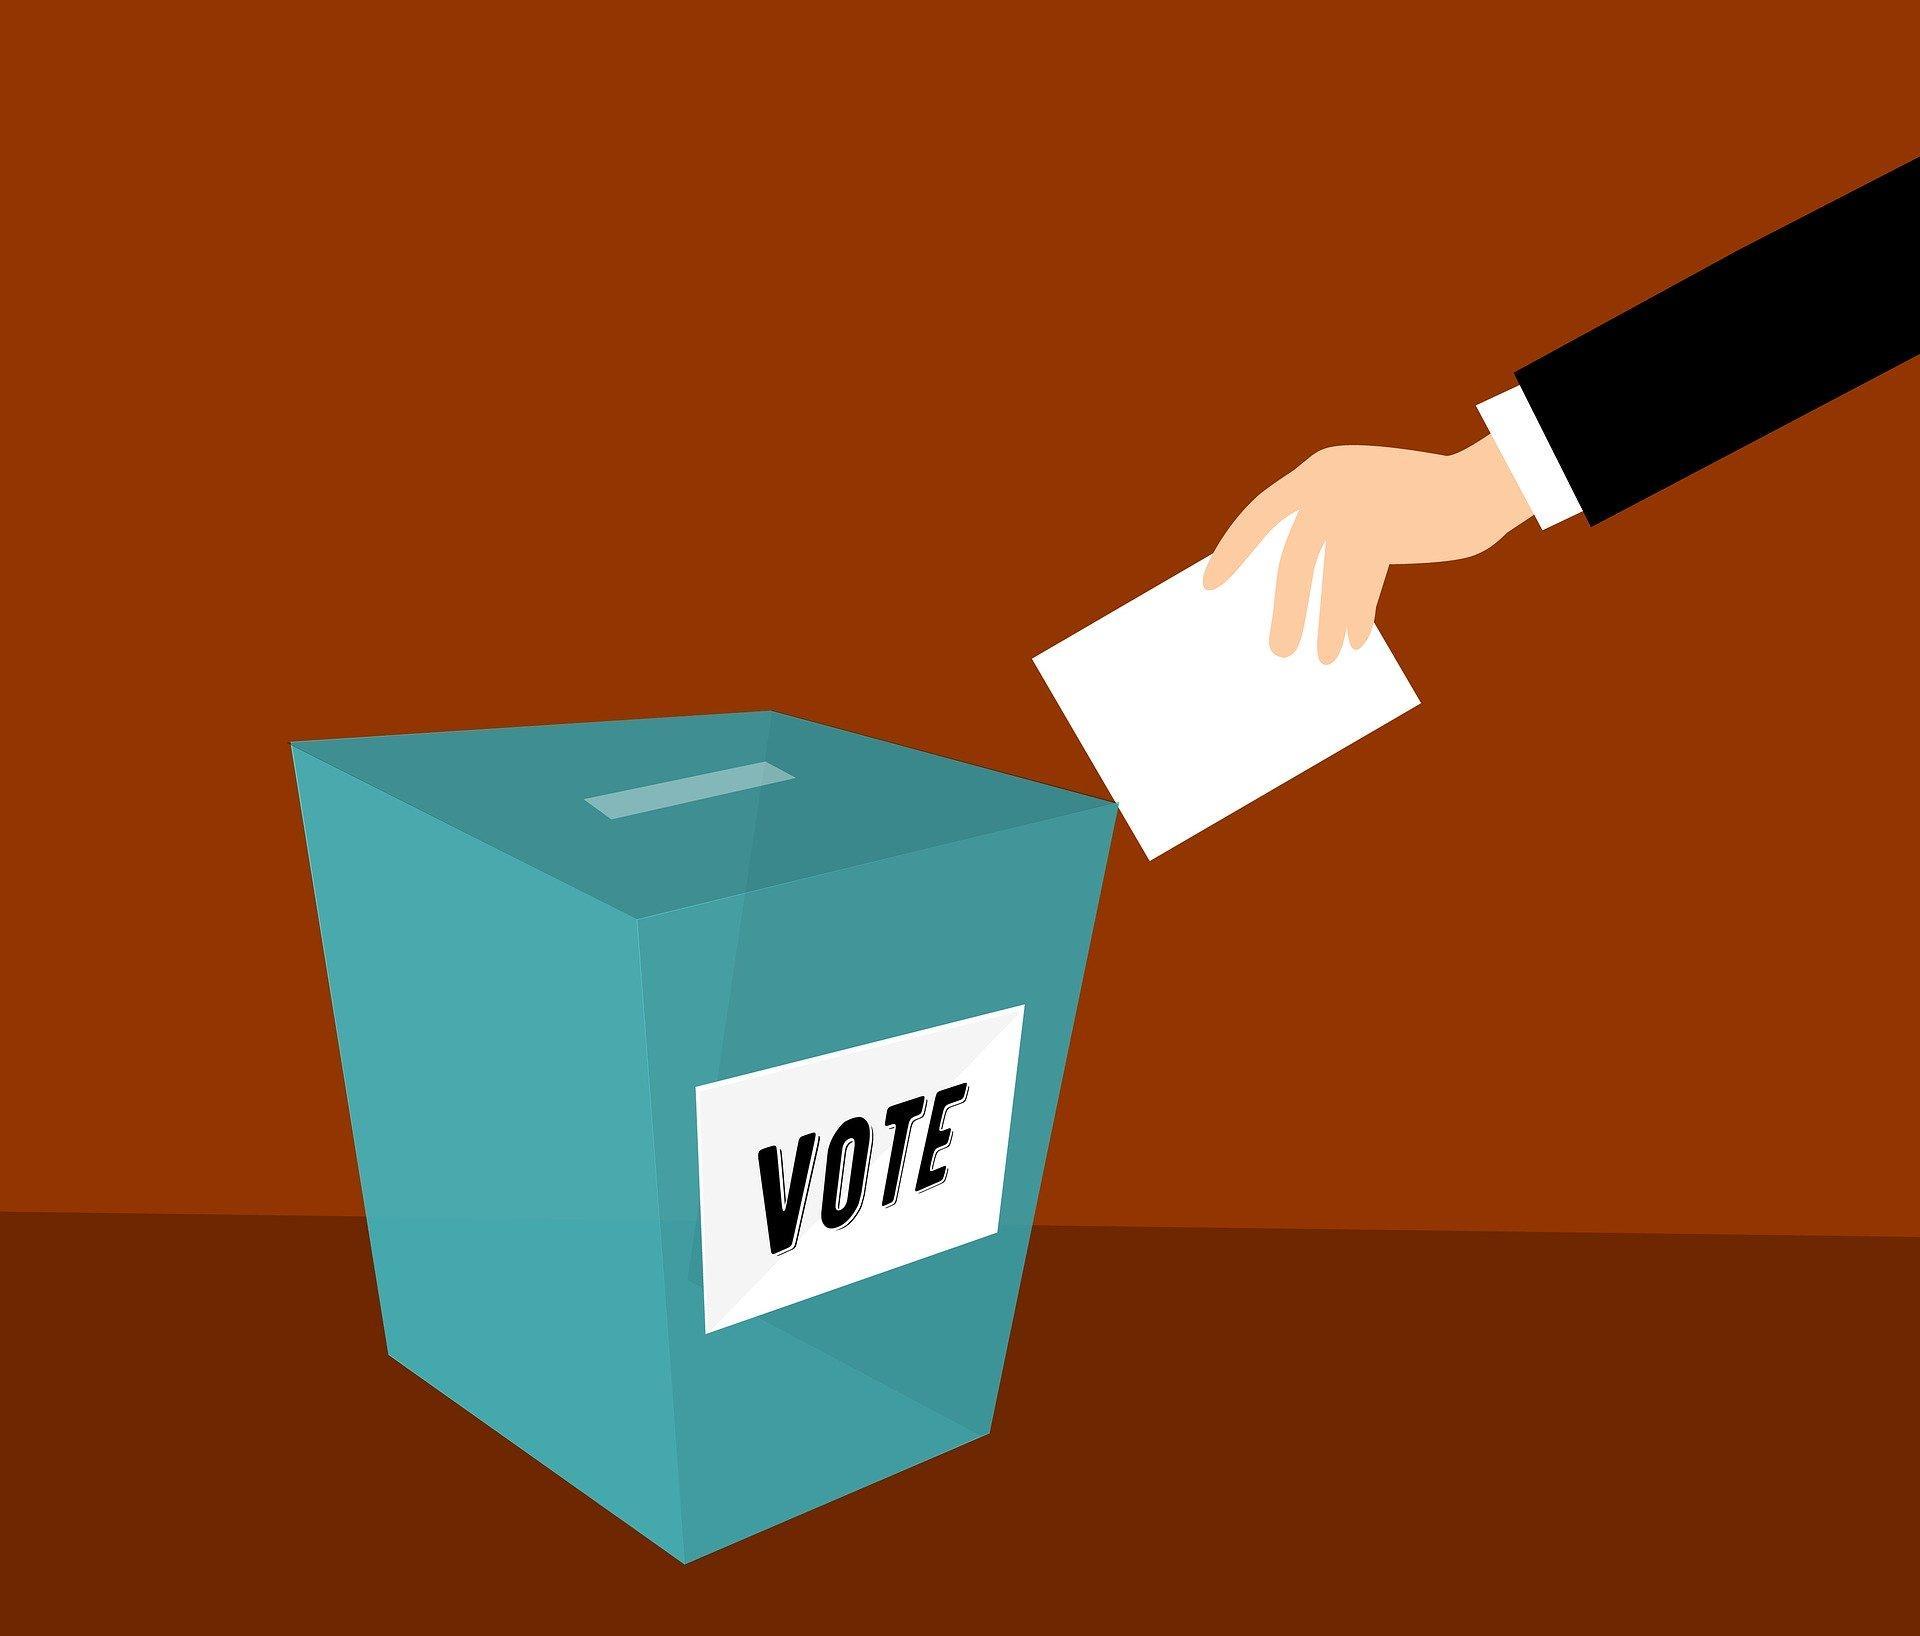 """urna azul escrito """"vote"""", voto em português, um braço esticado com o voto impresso em uma mão"""